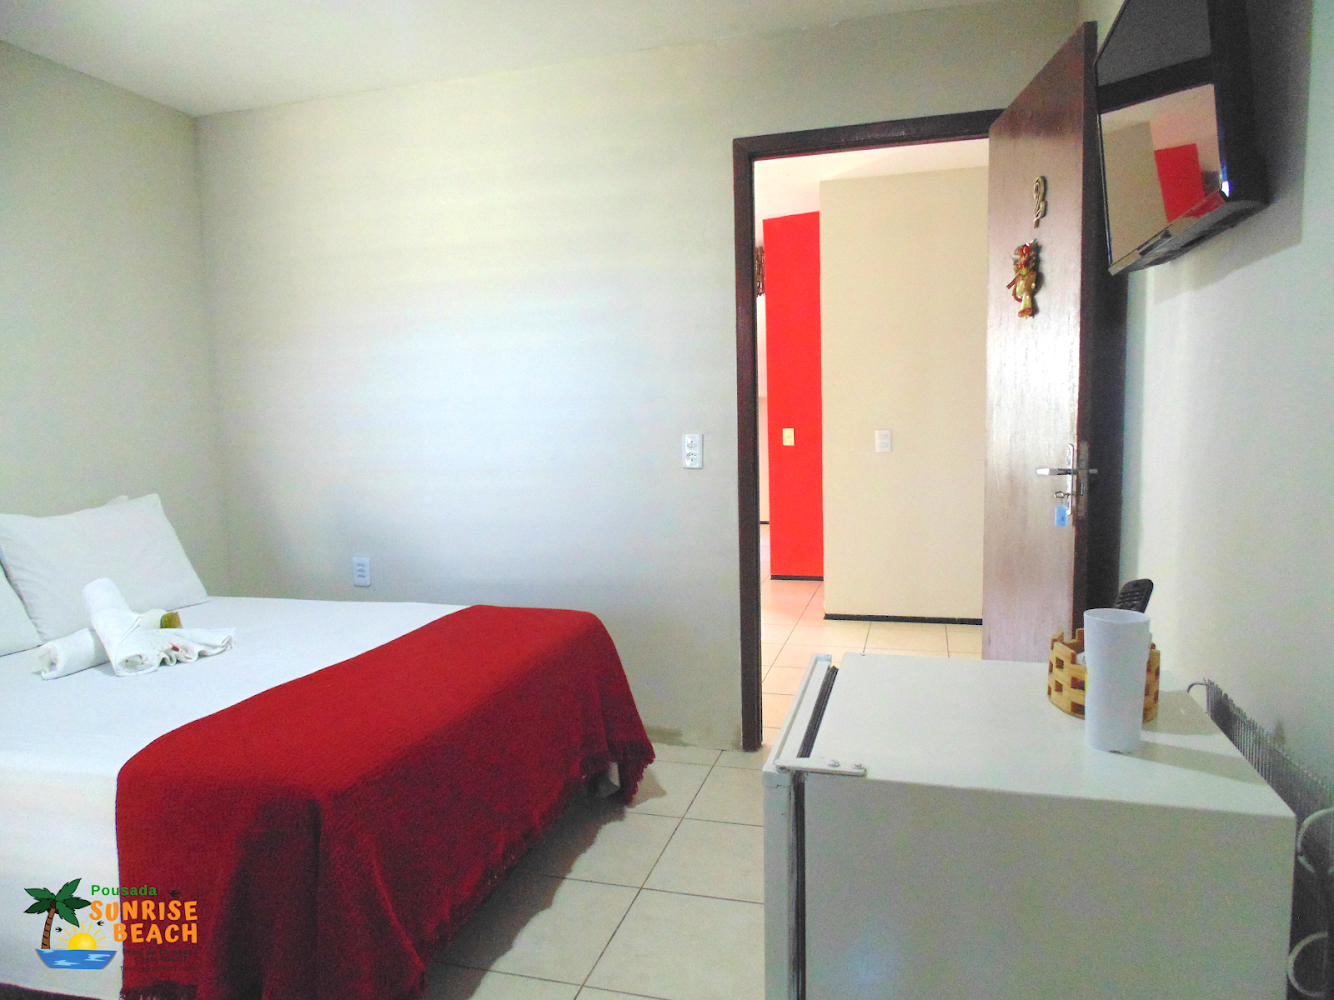 1 diária para 2 adultos e criança até 05 anos no quarto térreo + café da manhã (domingo a quinta) de R$200 por apenas R$140